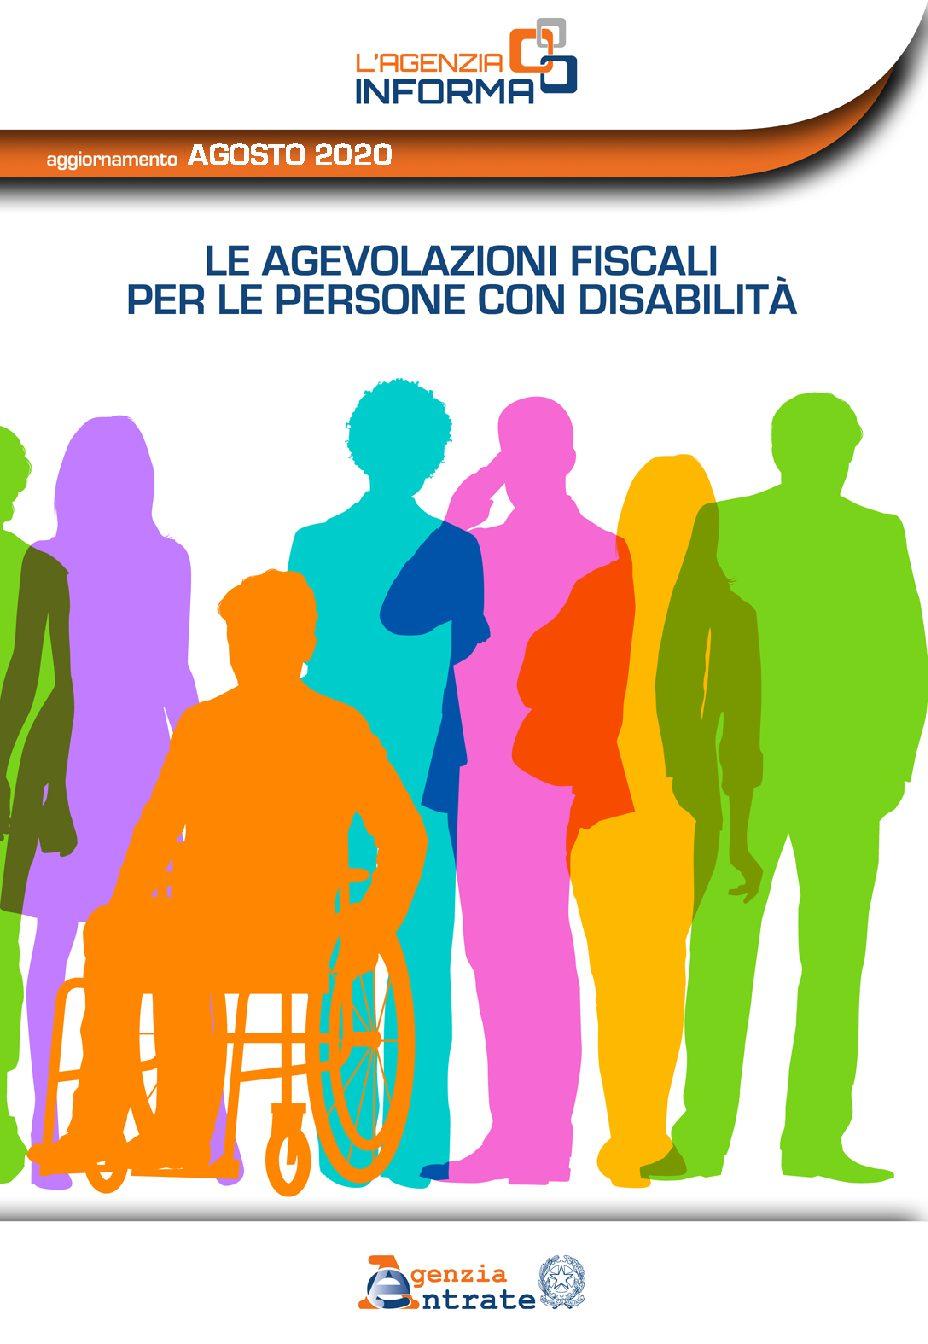 Guida-alle-agevolazioni-fiscali-per-le-persone-con-disabilita